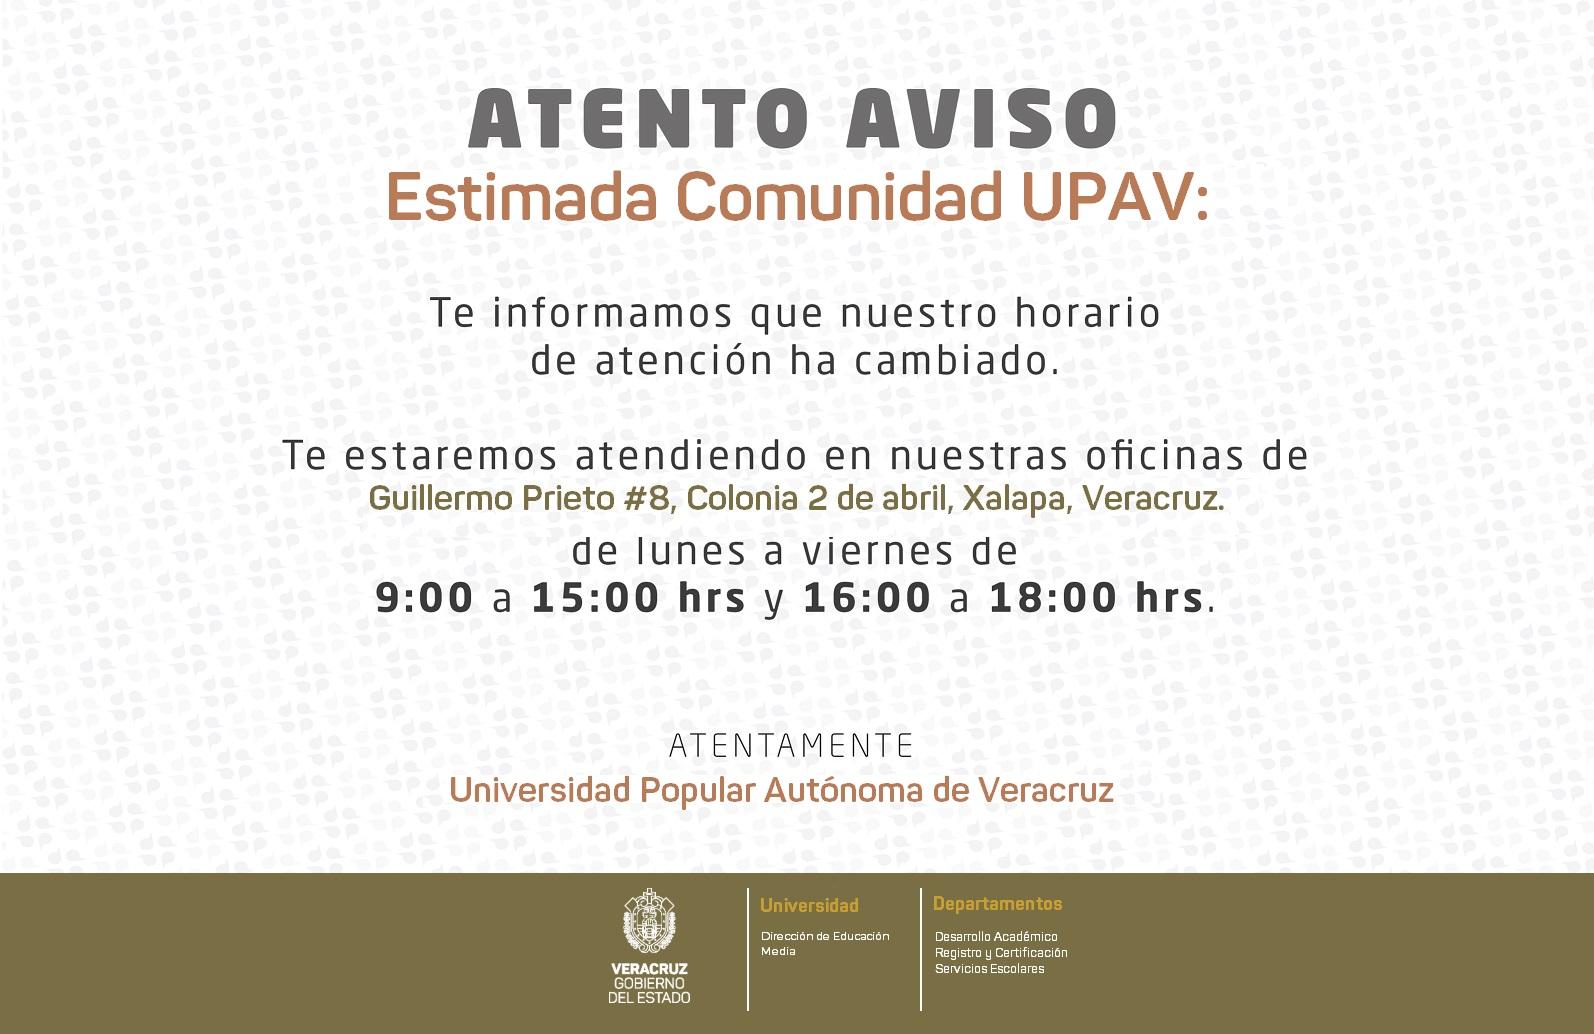 Uv Convocatoria 2019: Universidad Popular Autónoma De Veracruz De